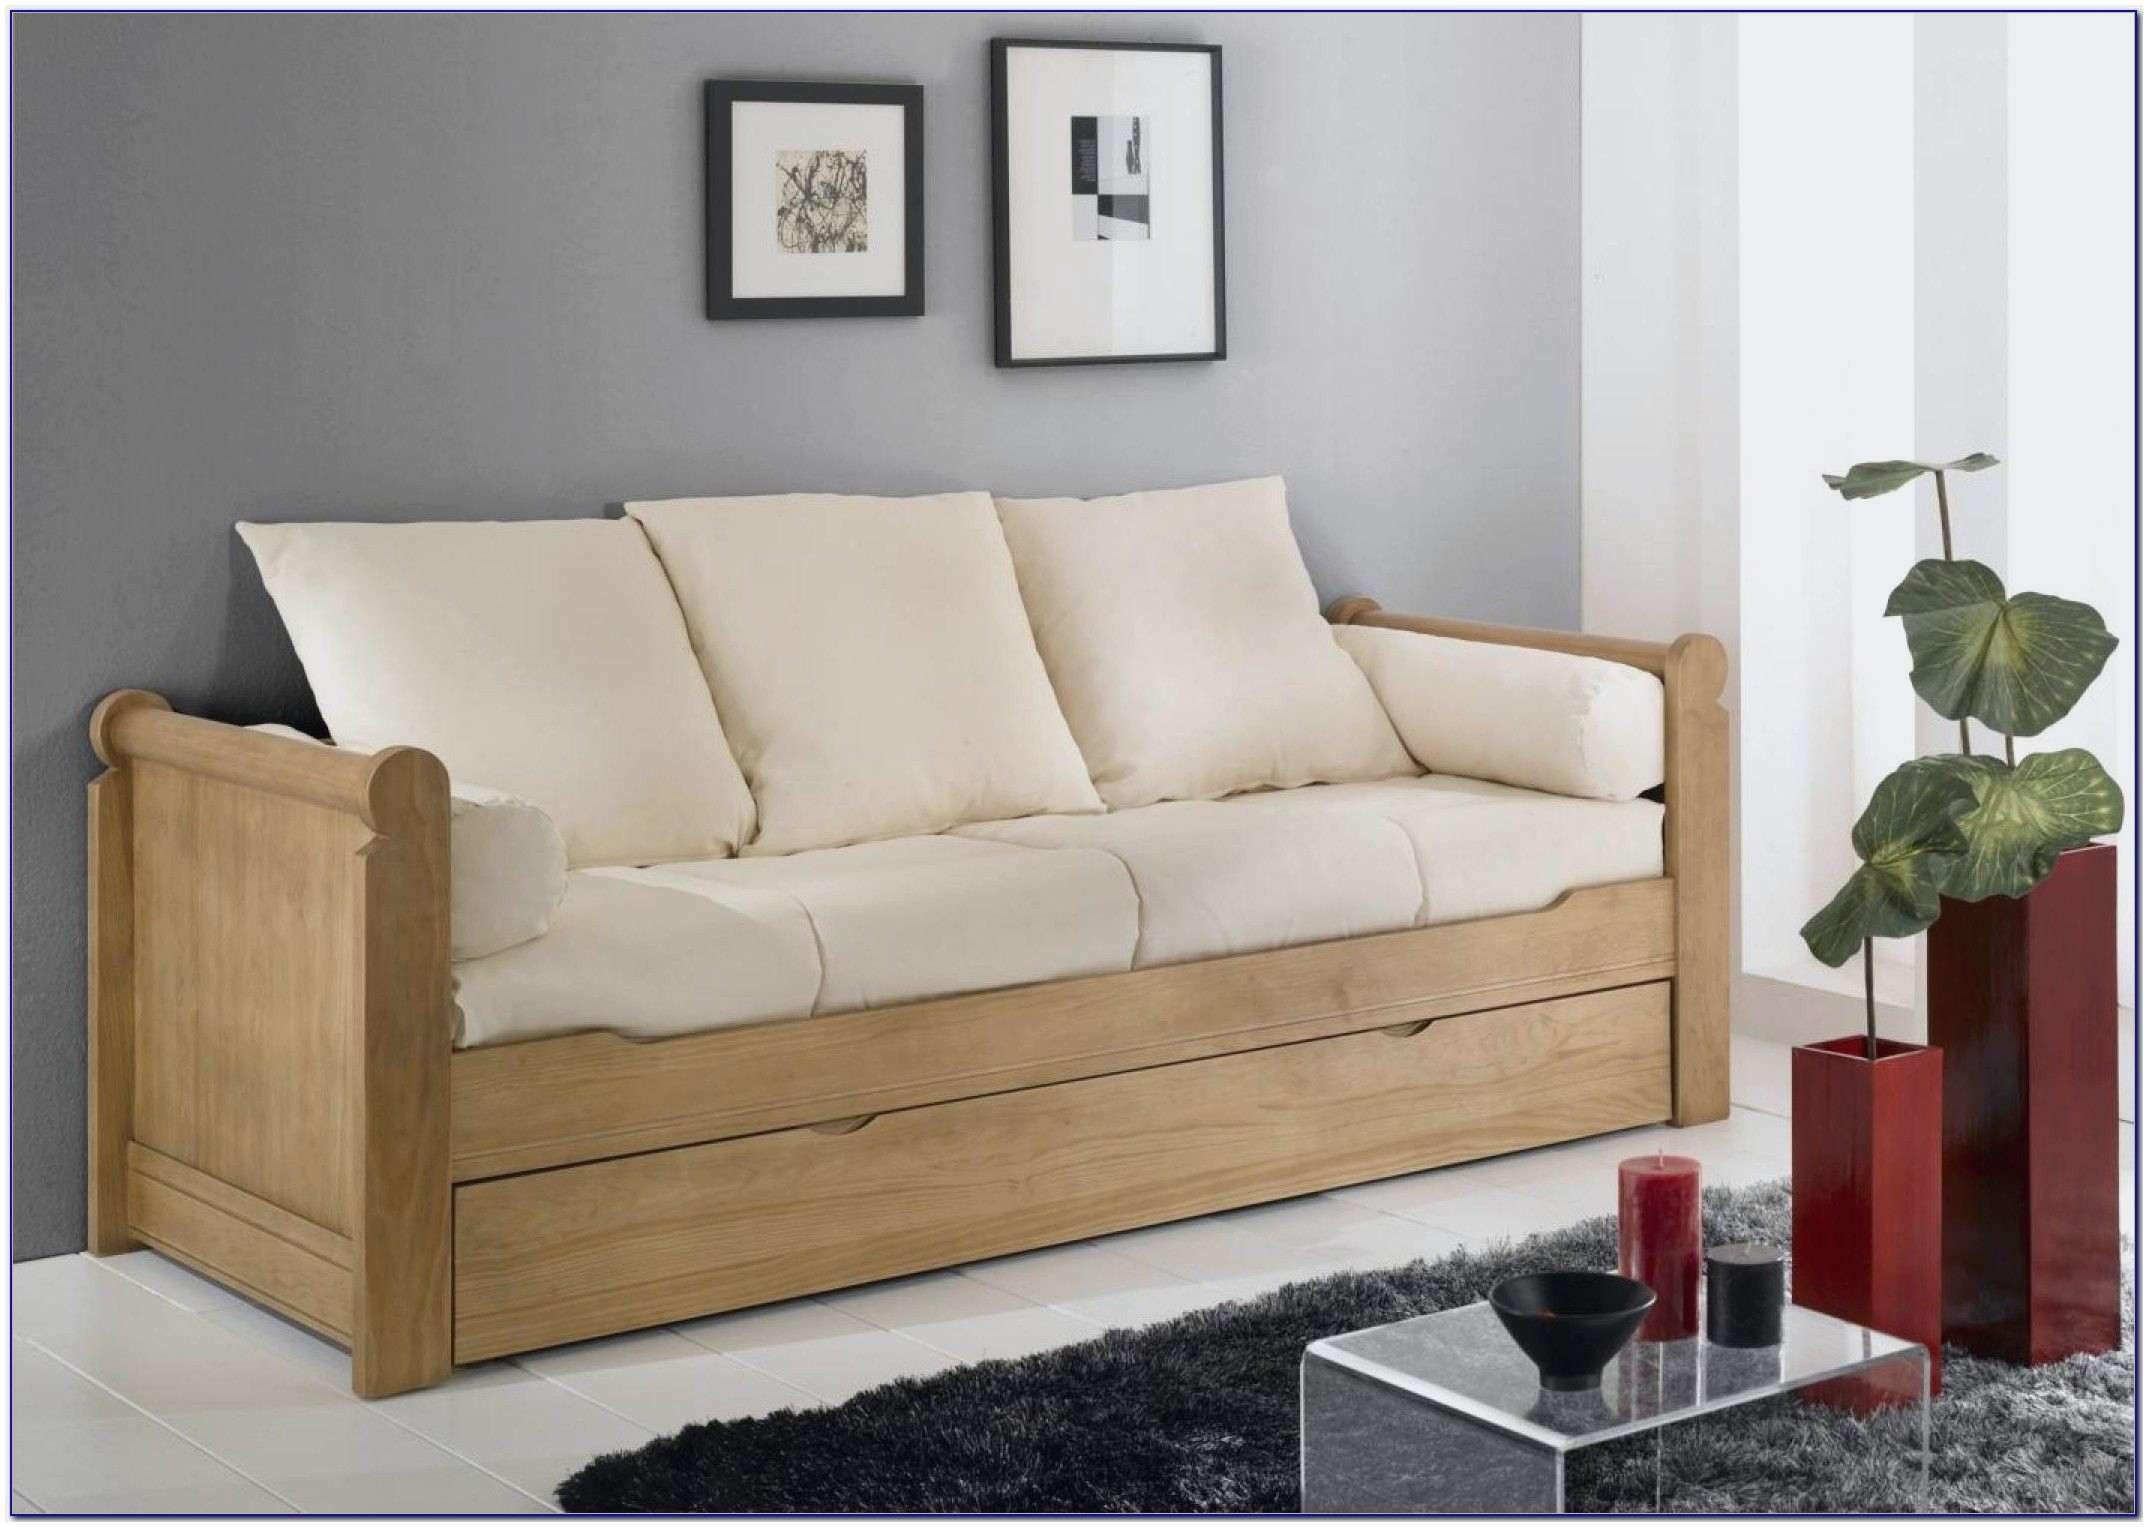 Canapé Lit Vrai Matelas Nouveau Frais Luxury Canapé Lit Matelas Pour Meilleur Ikea Canapé 2 Places